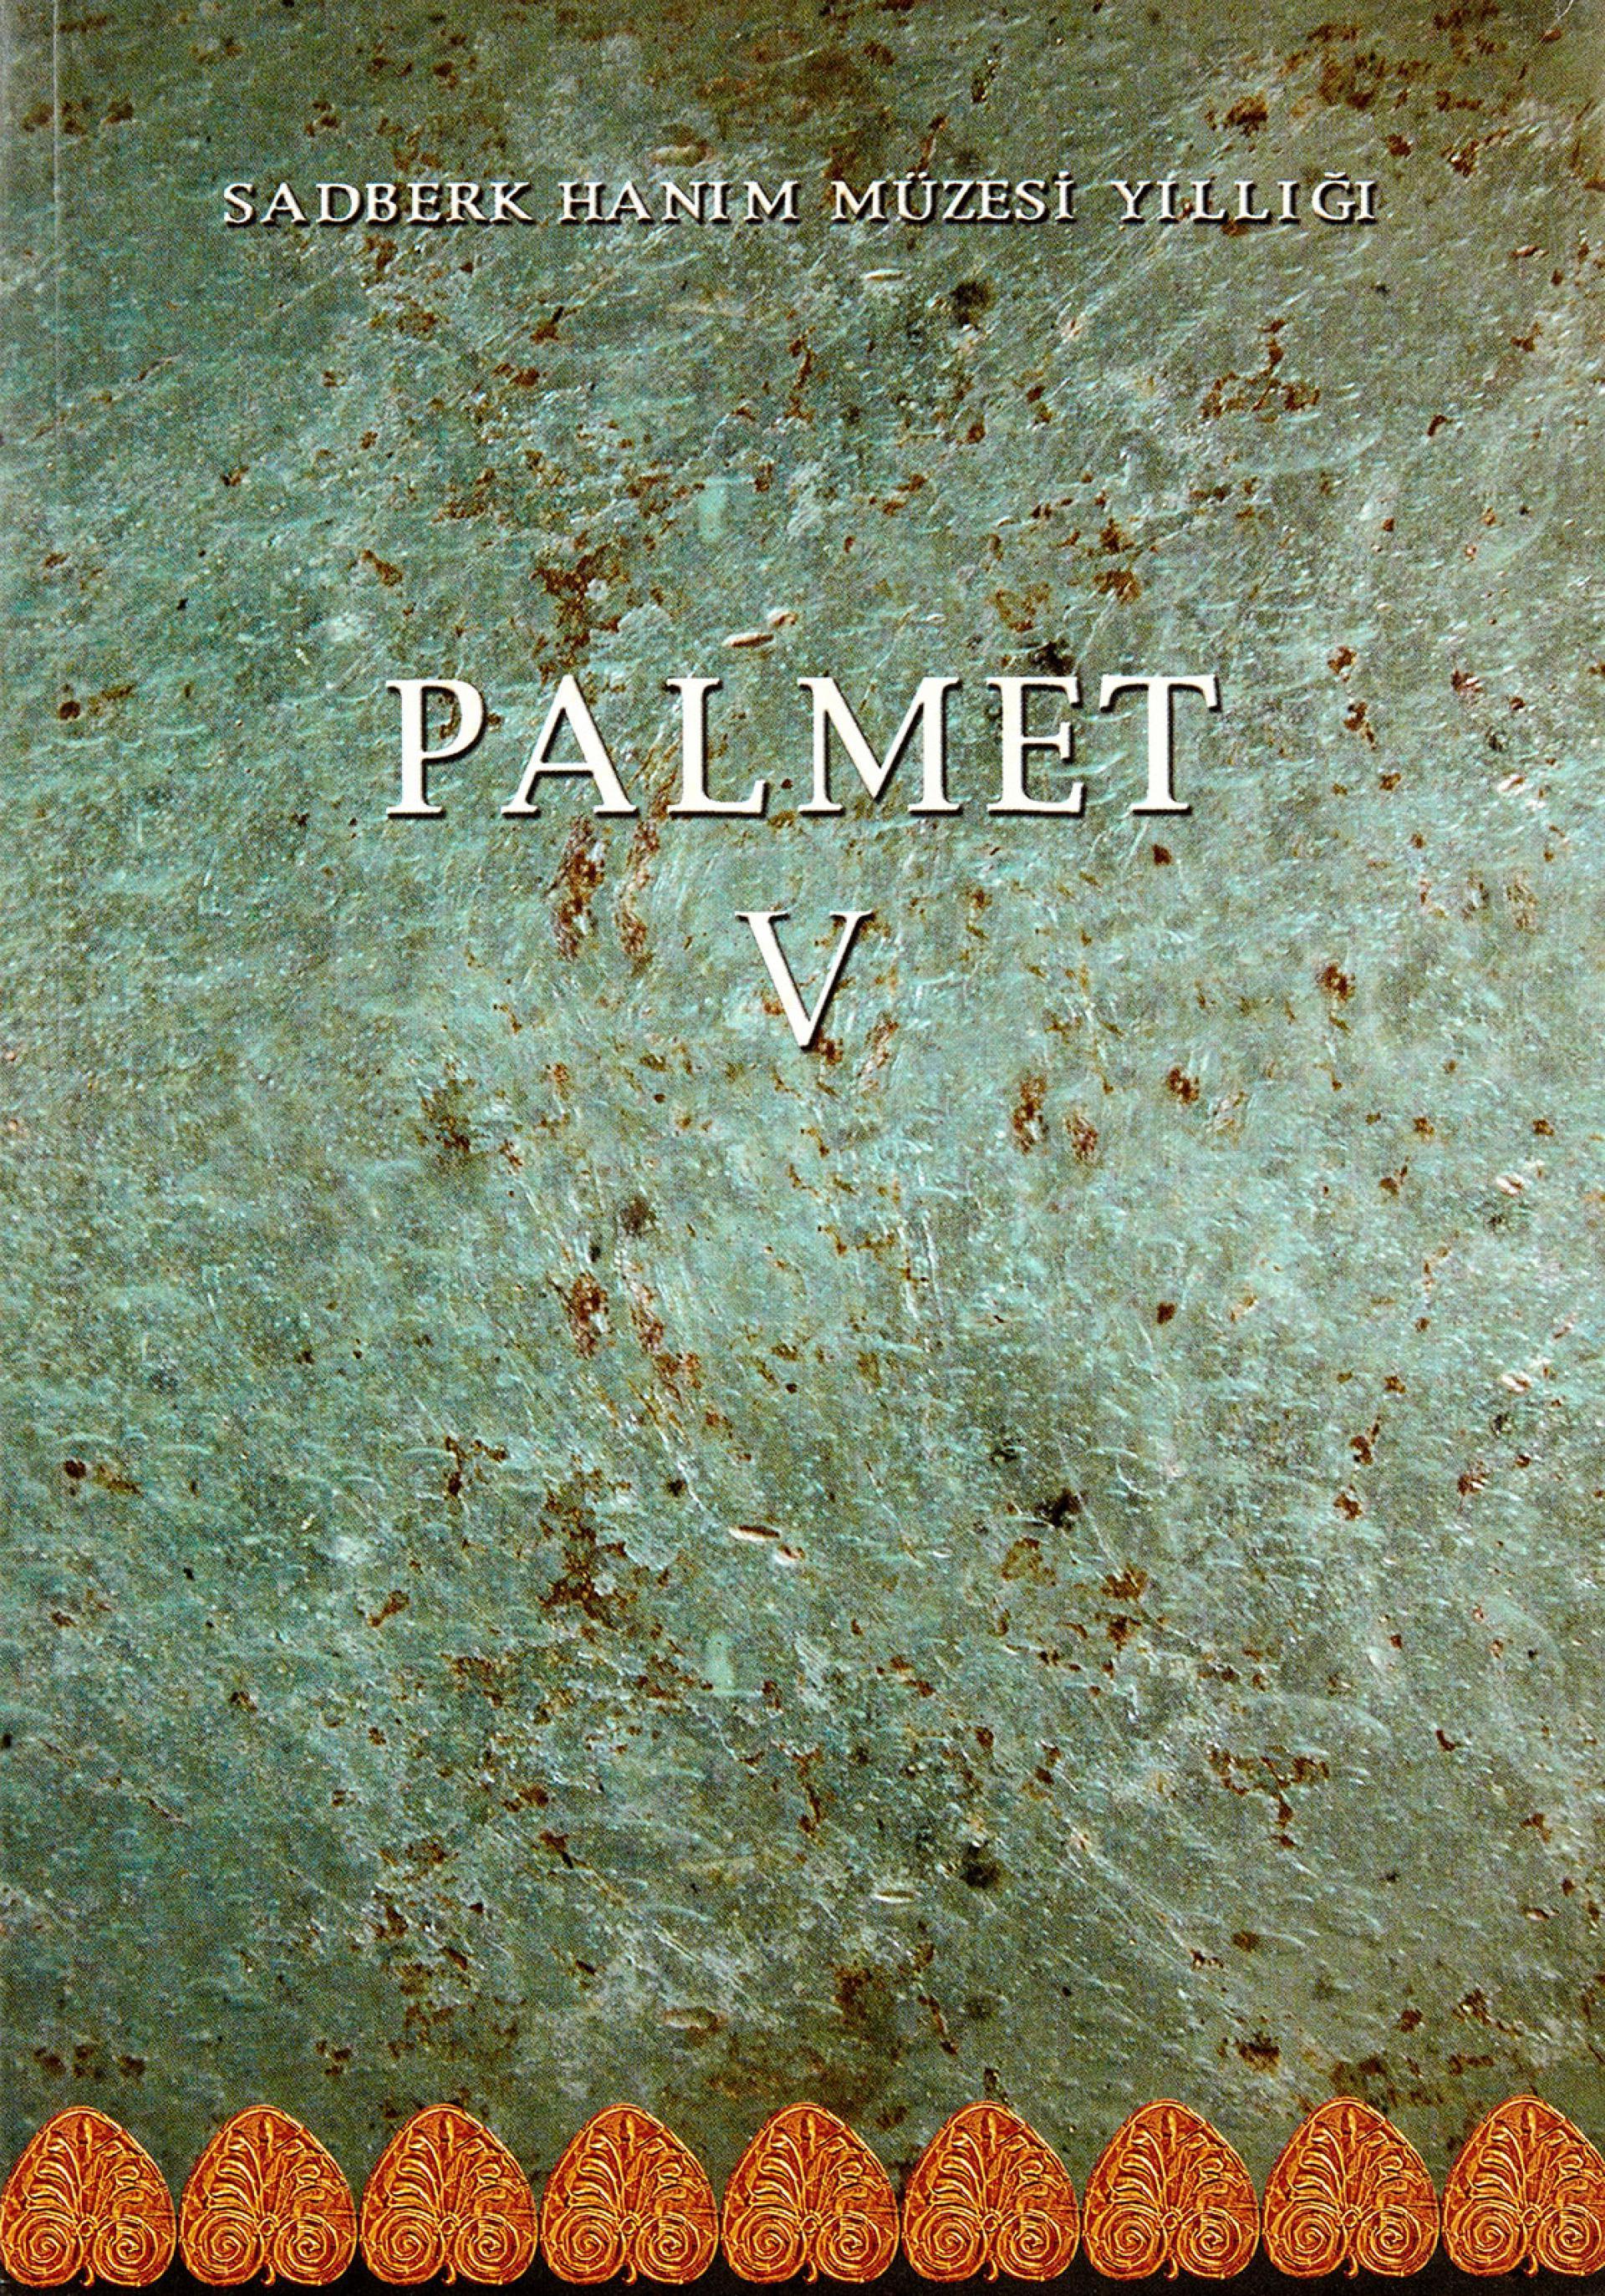 Palmet V - Sadberk Hanım Müzesi Yıllığı - BOOKS - Sadberk Hanım Museum